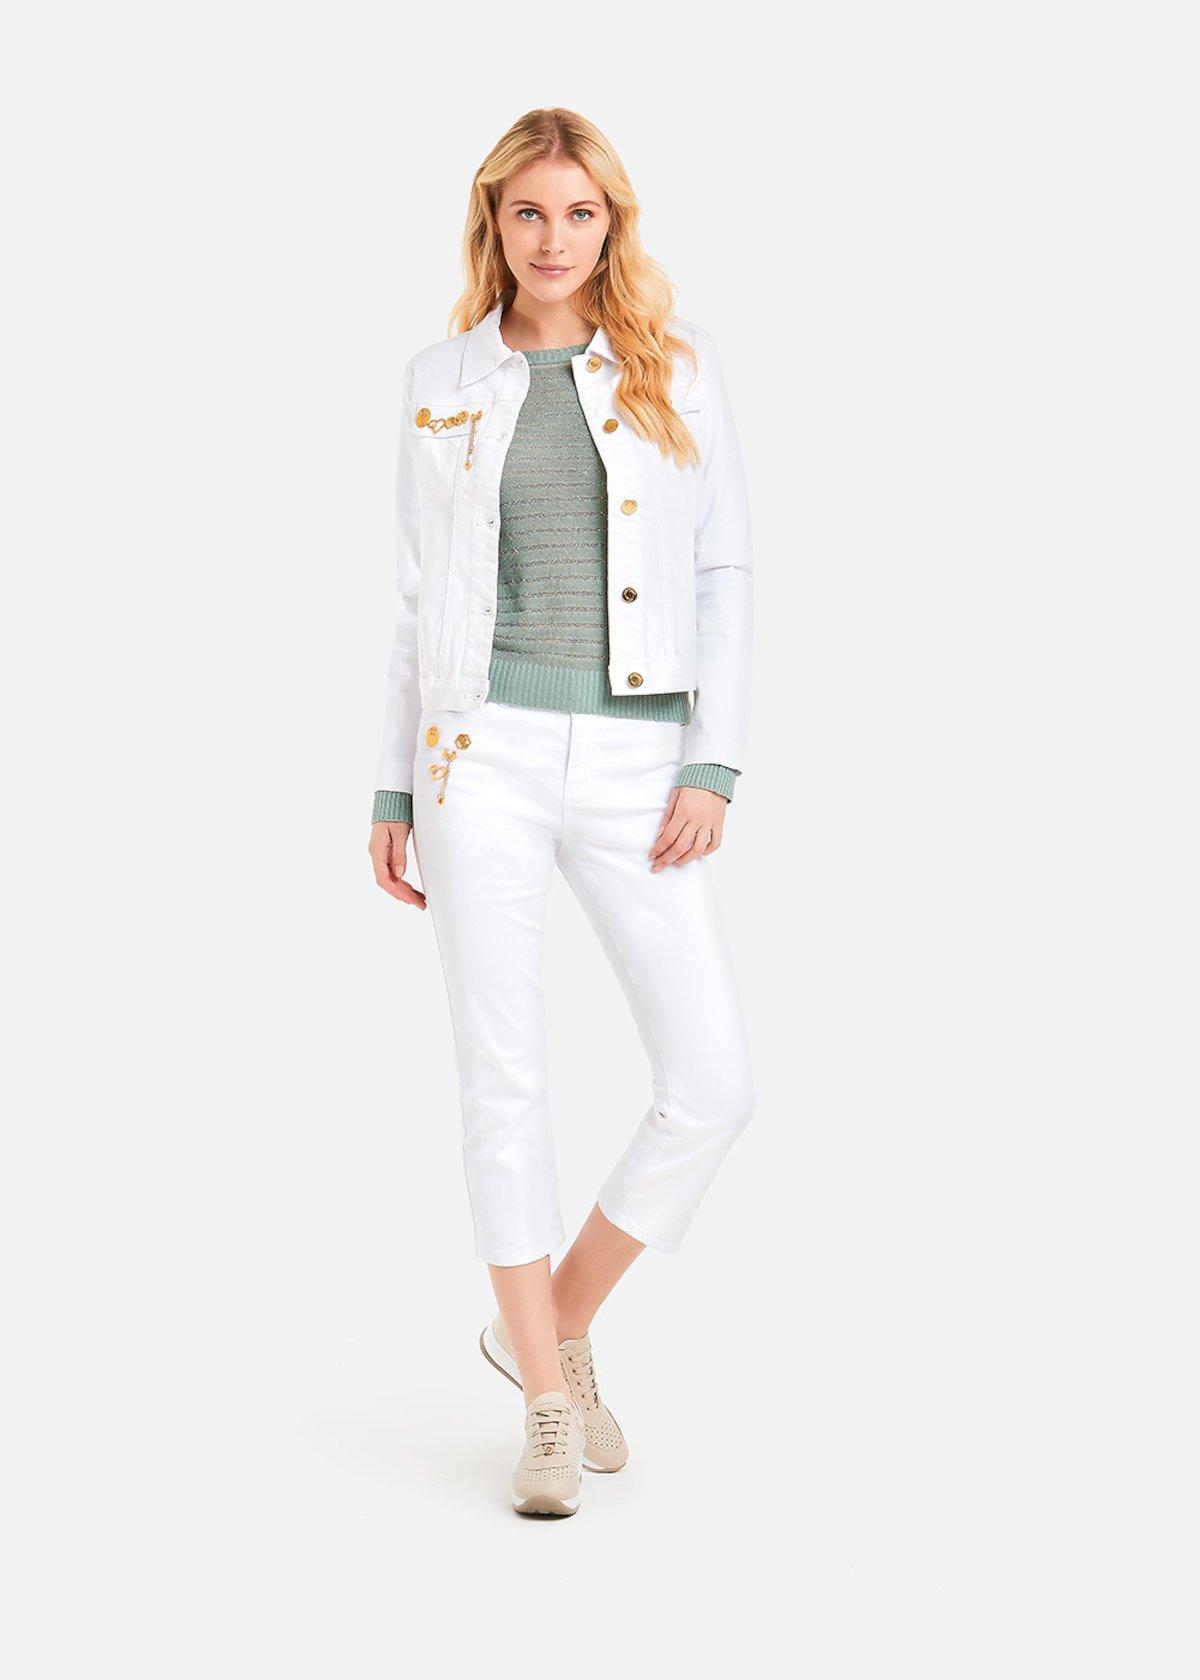 Pantaloni Pretty con dettagli light gold rose - White